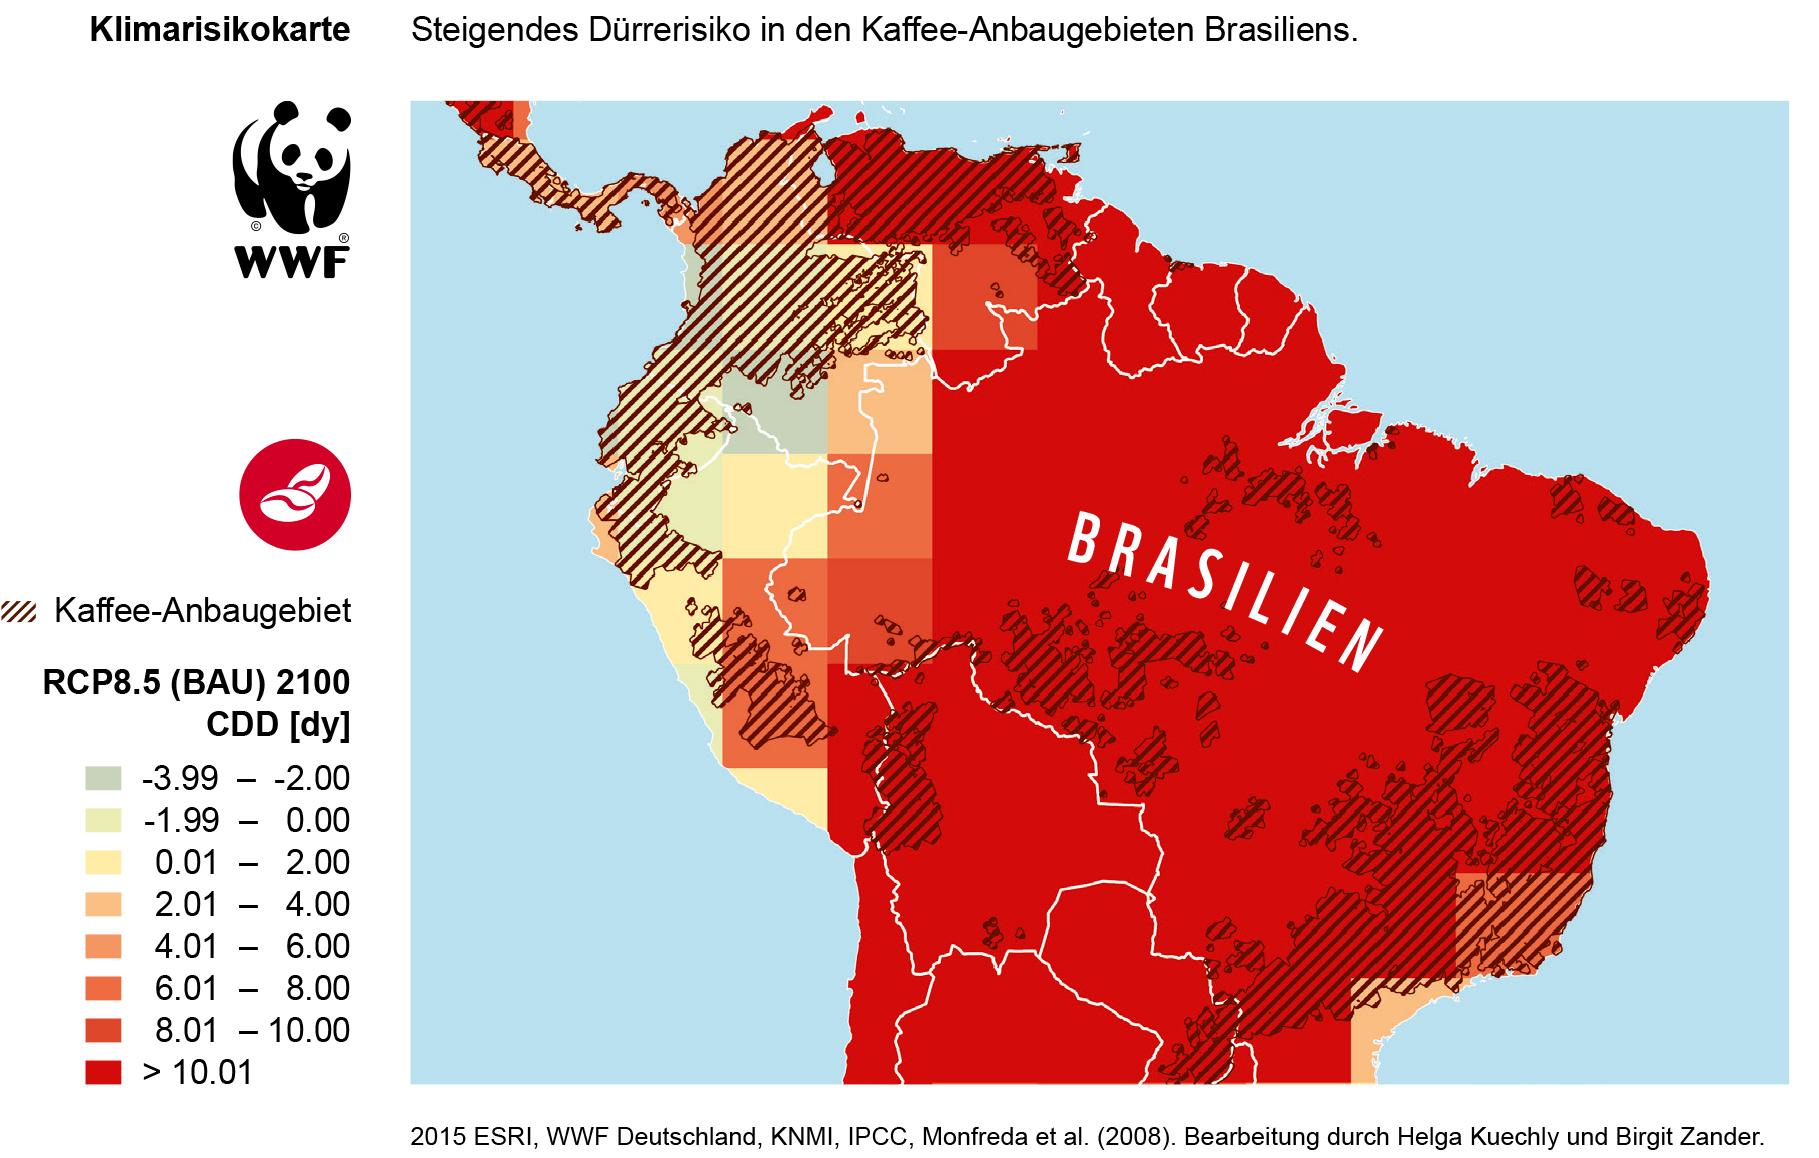 Klimarisiko-Karte: Steigendes Dürre-Risiko in den Kaffee-Anbaugebieten Brasiliens